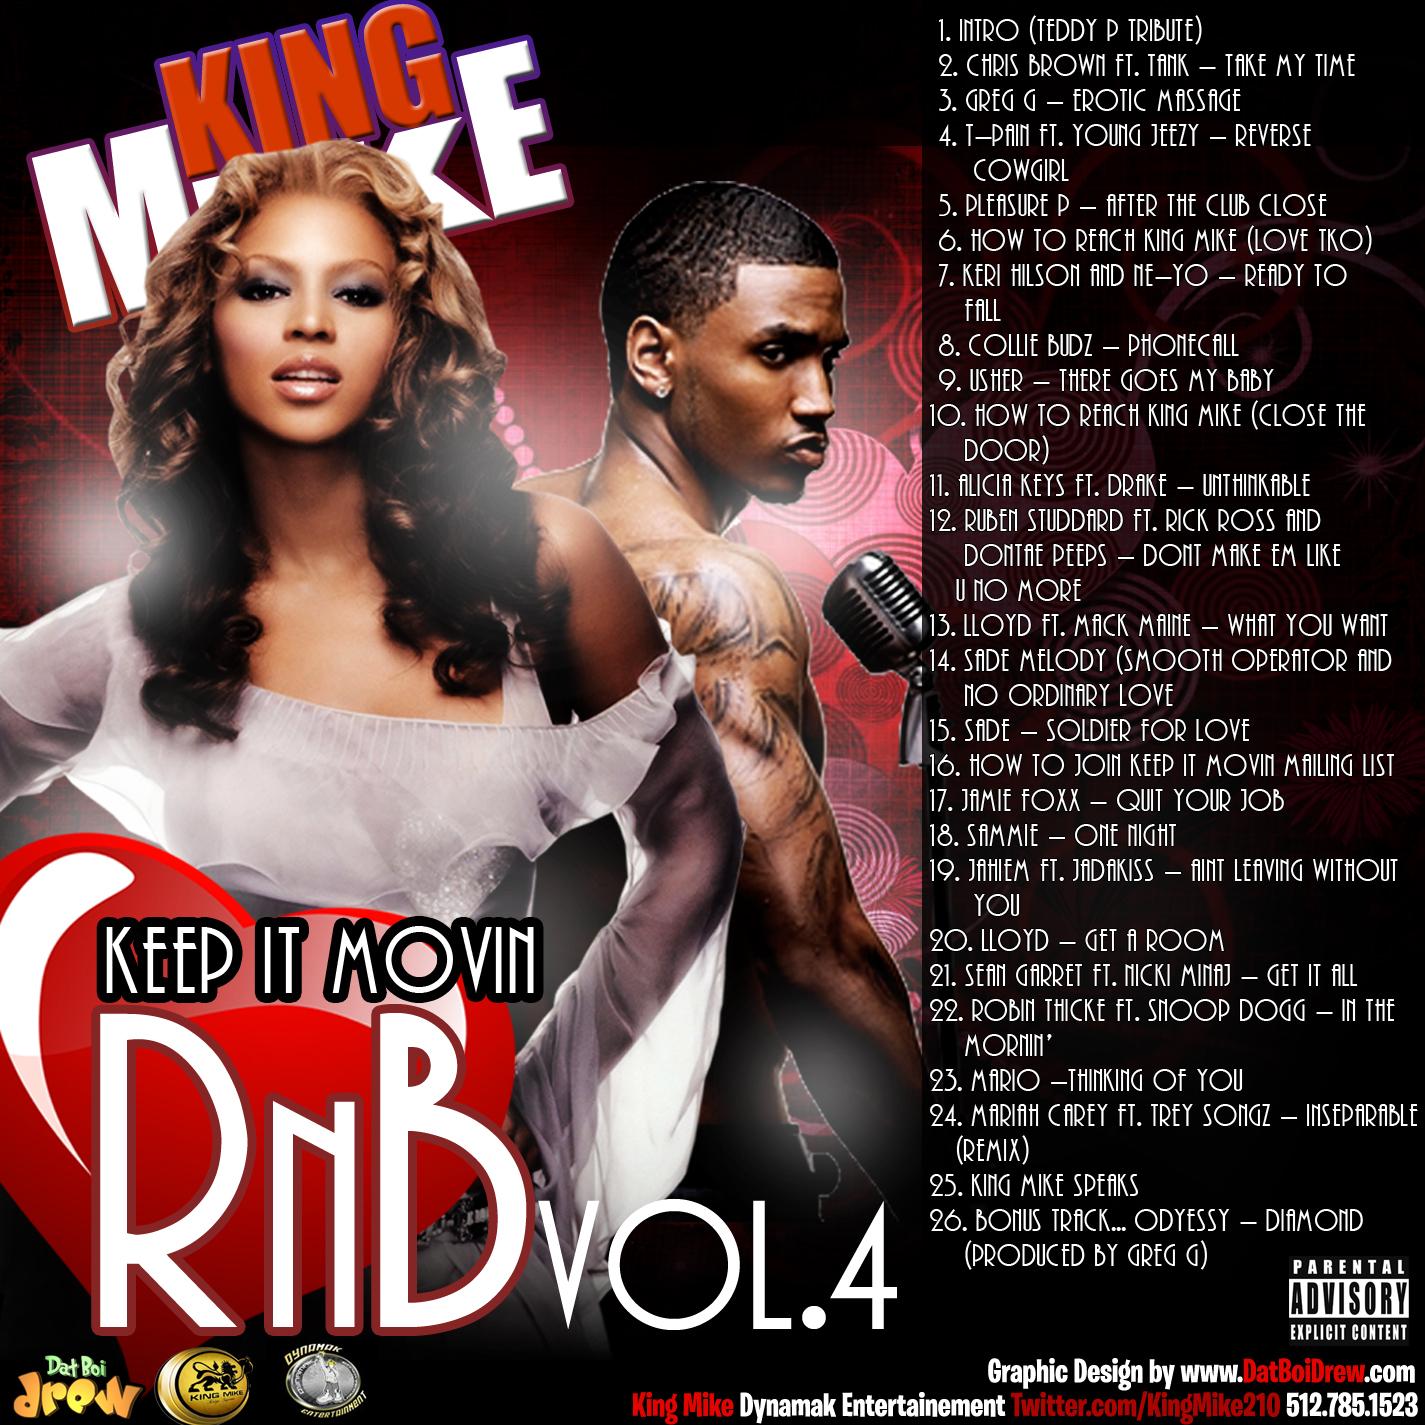 Keep It Movin R&B Vol. 4